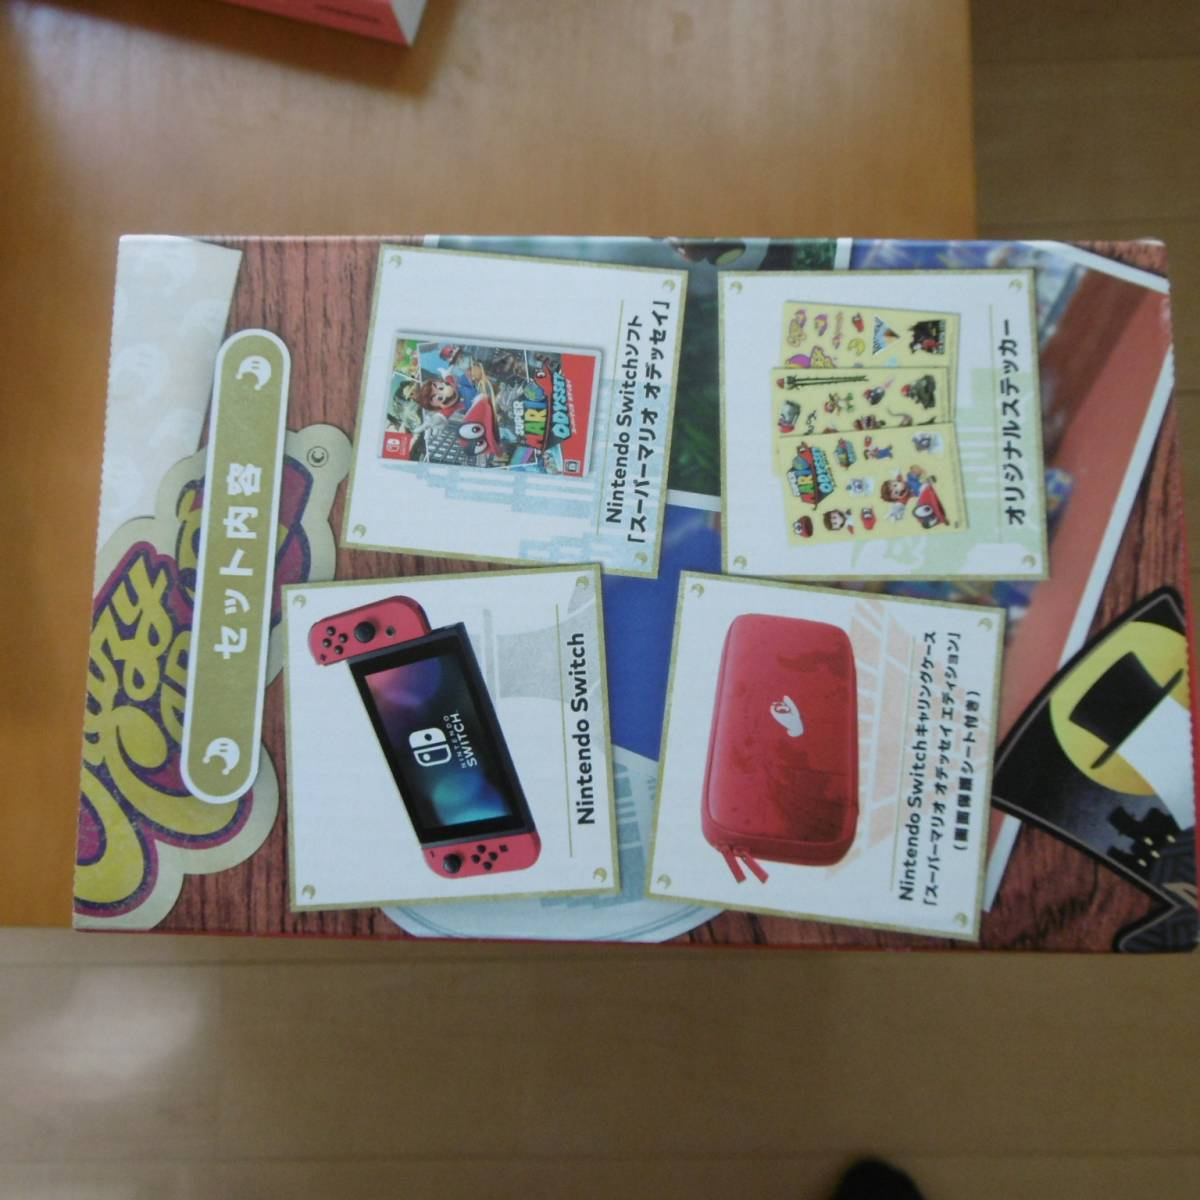 【新品☆未開封】Nintendo Switch 任天堂 ニンテンドー スイッチ 本体 スーパーマリオ オデッセイセット 保証付き11月19日購入_画像2